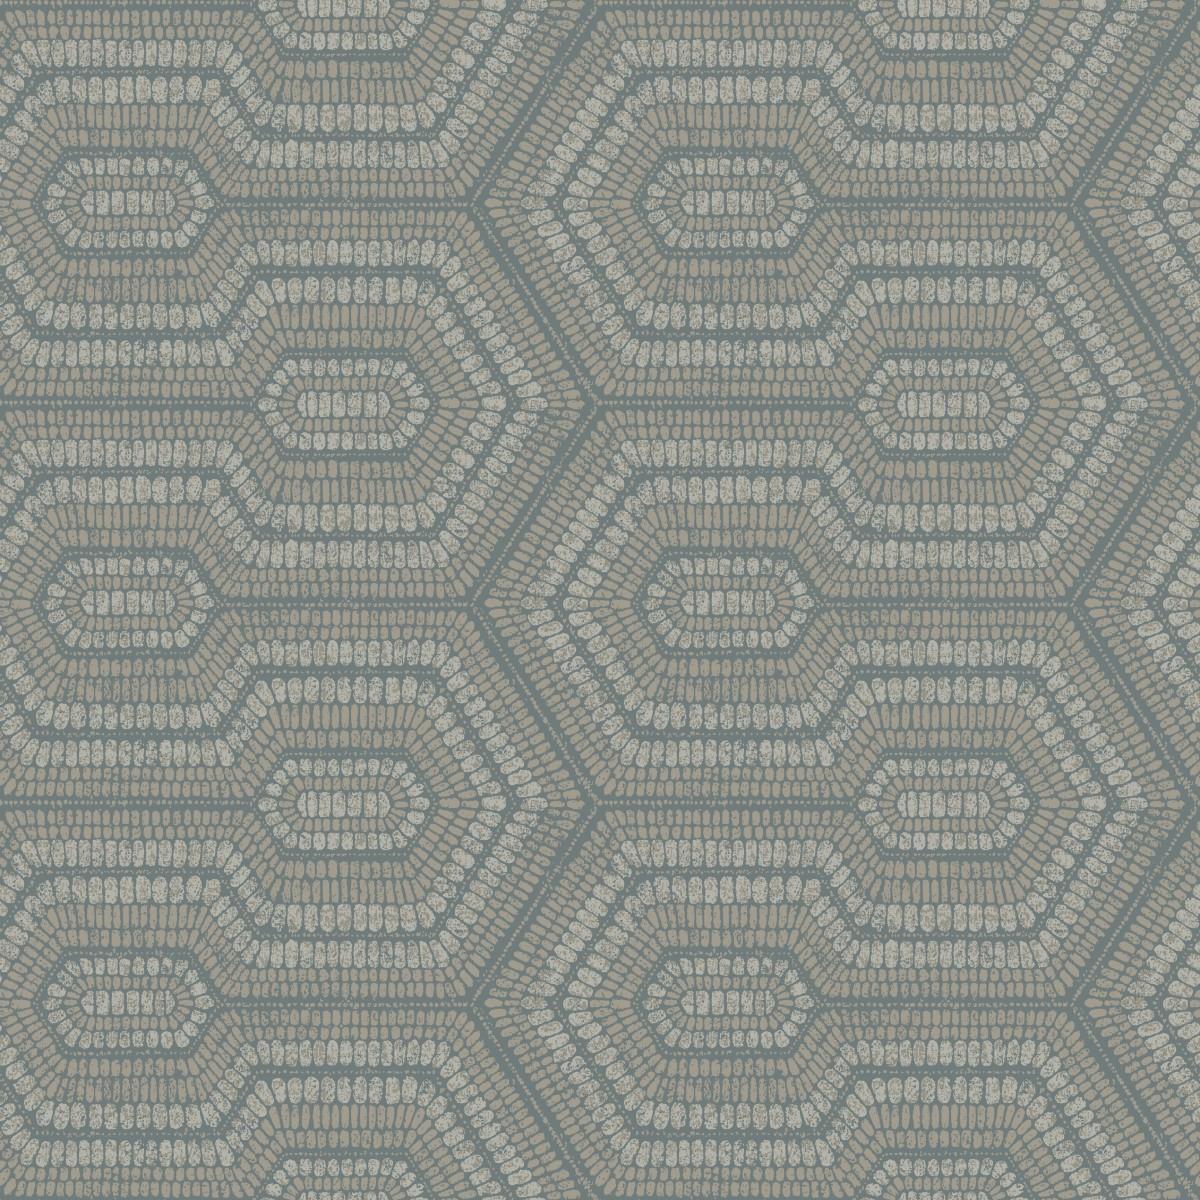 Обои флизелиновые Decoprint Spectrum 0.53 м SP18252